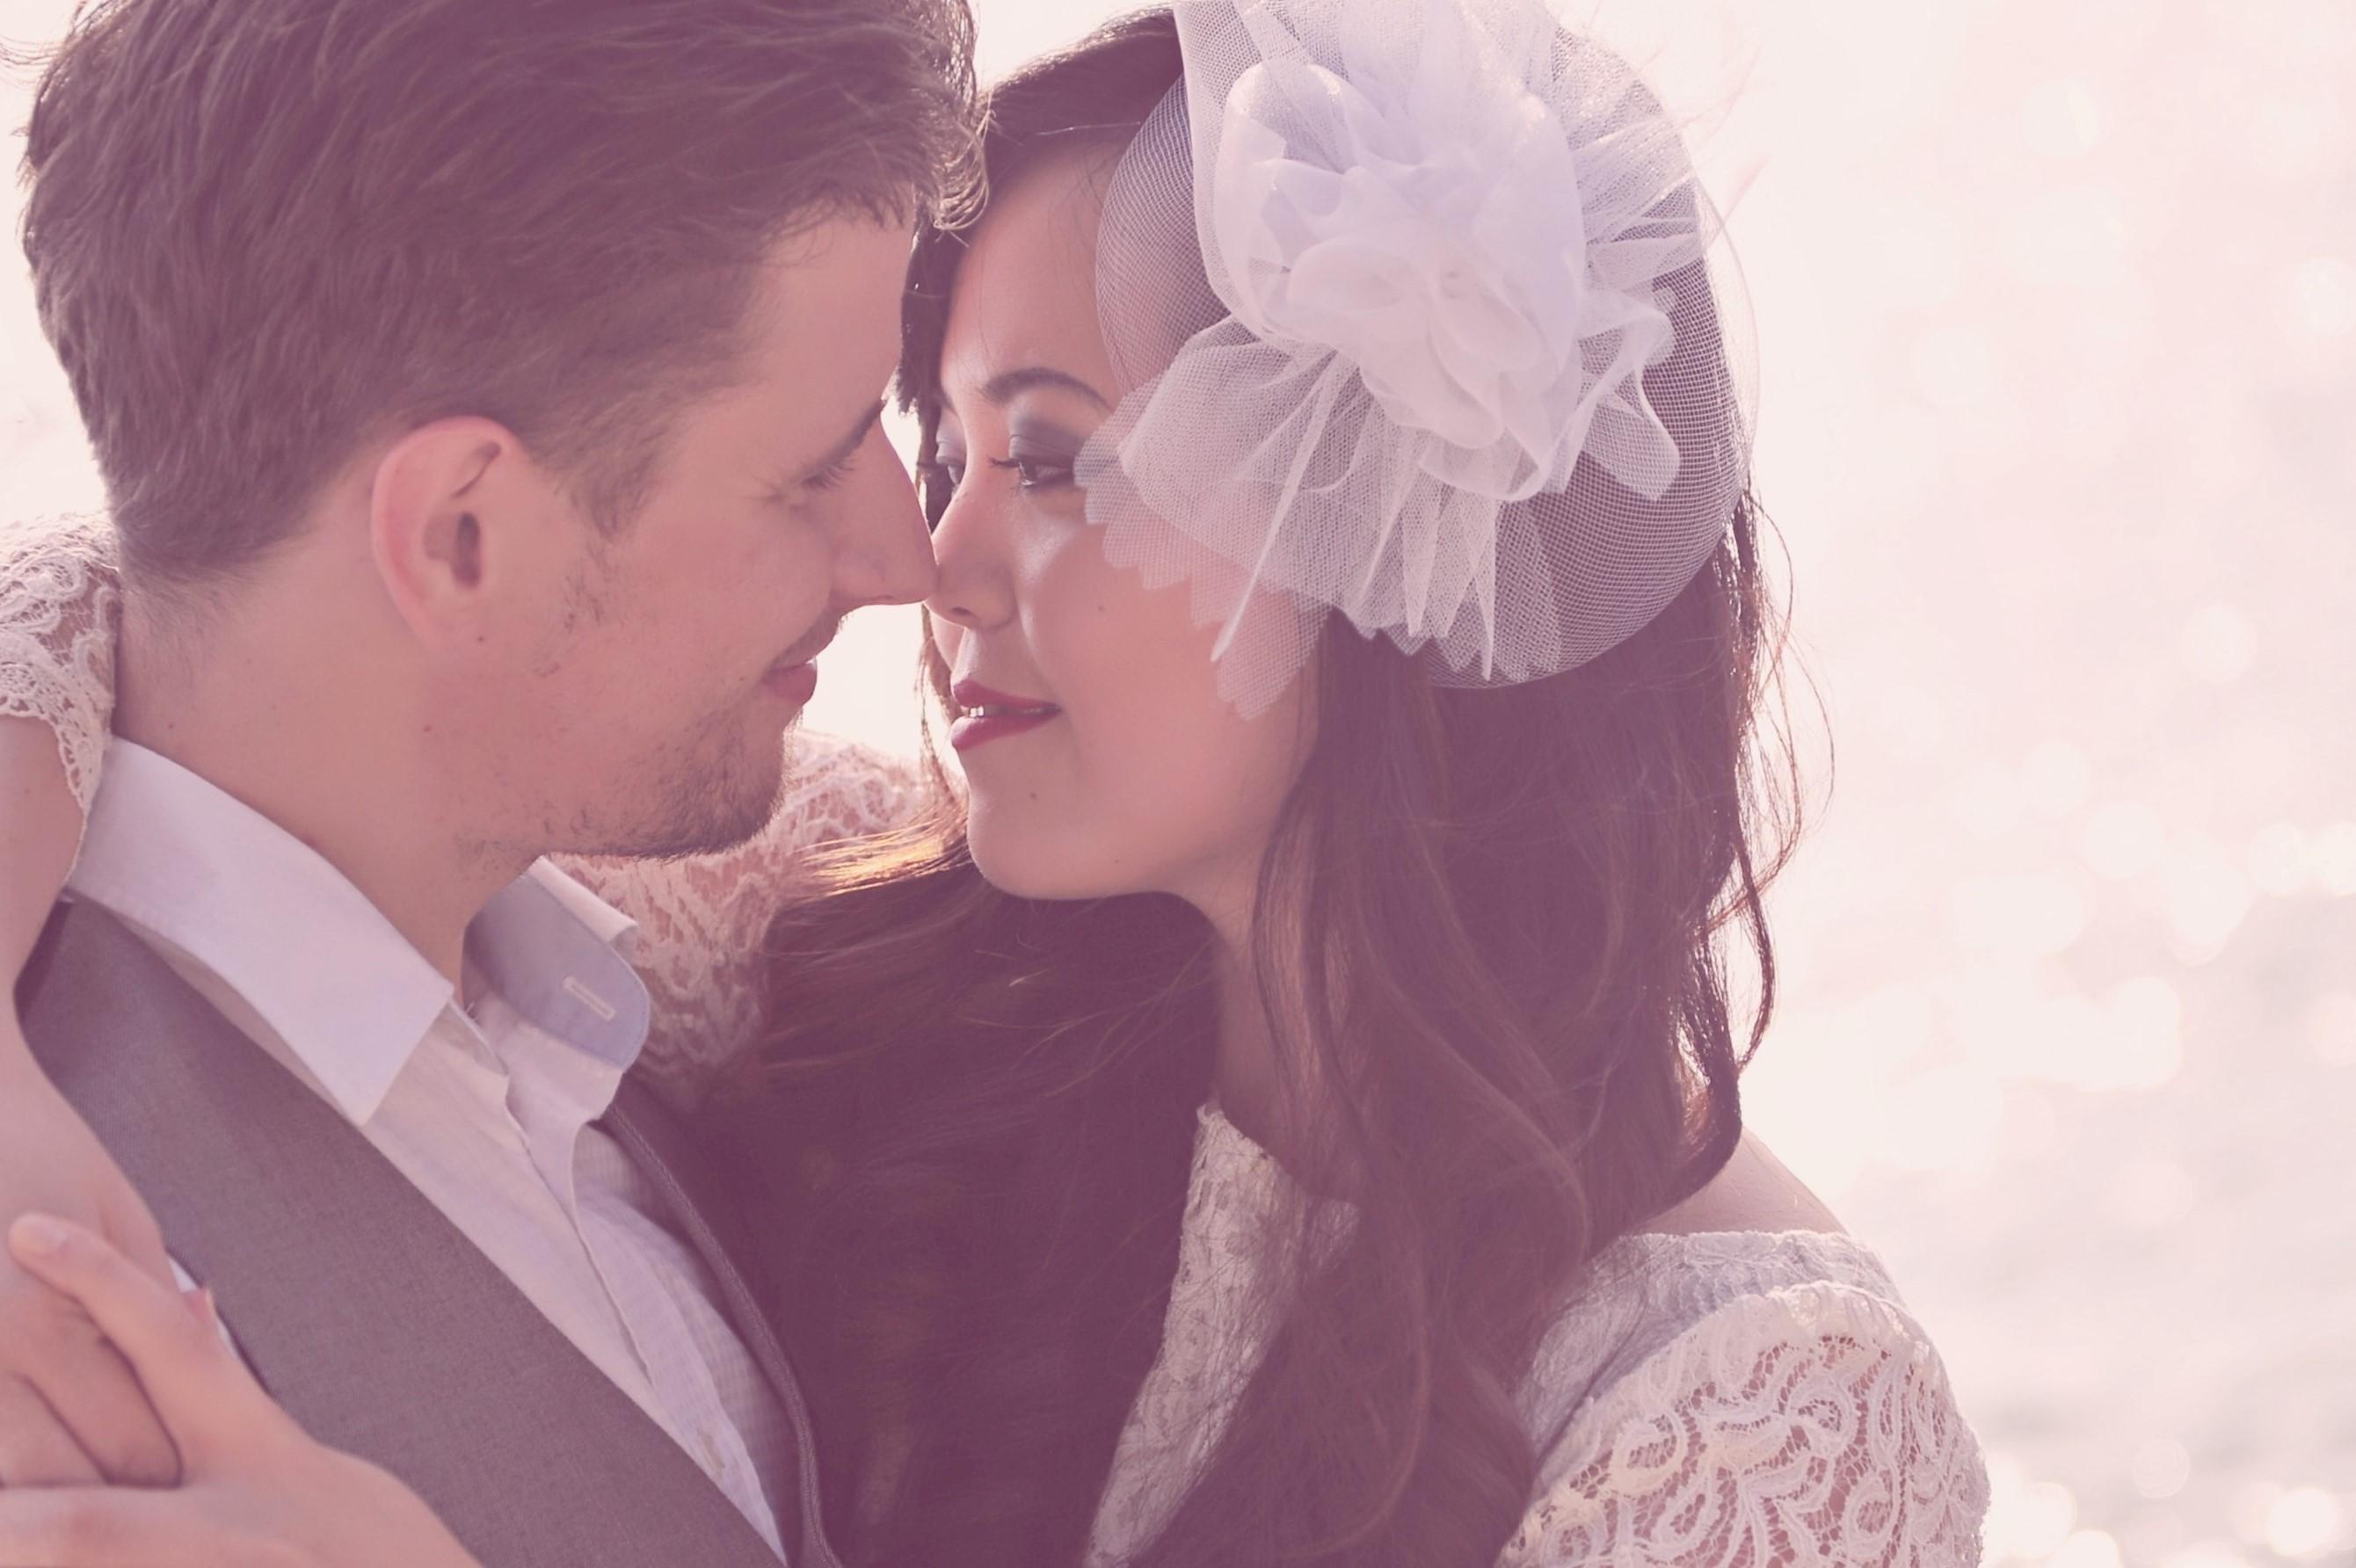 Женские ошибки, убивающие любовь. Какие самые распространенные